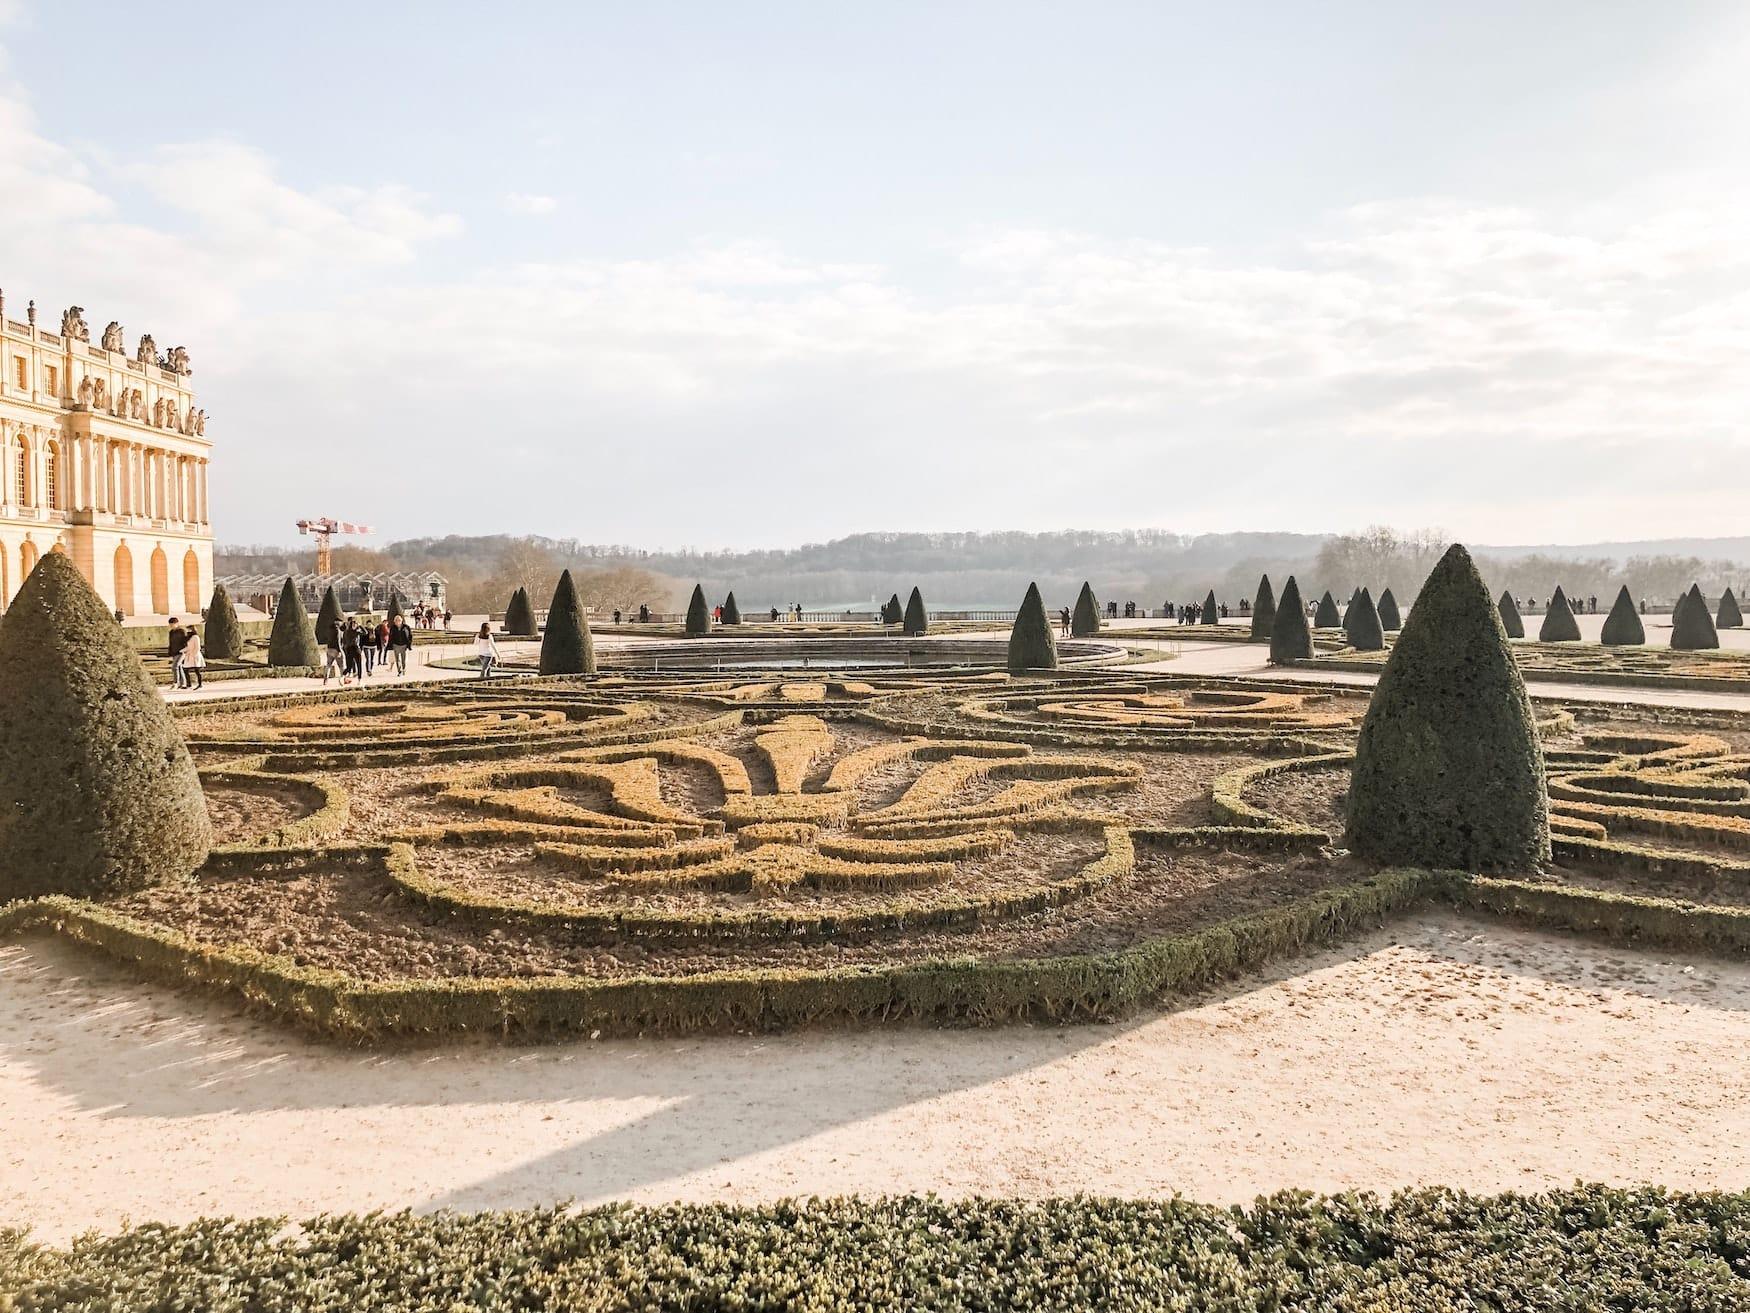 Menschen spazieren durch den Schlosspark von Versailles an einem Herbsttag